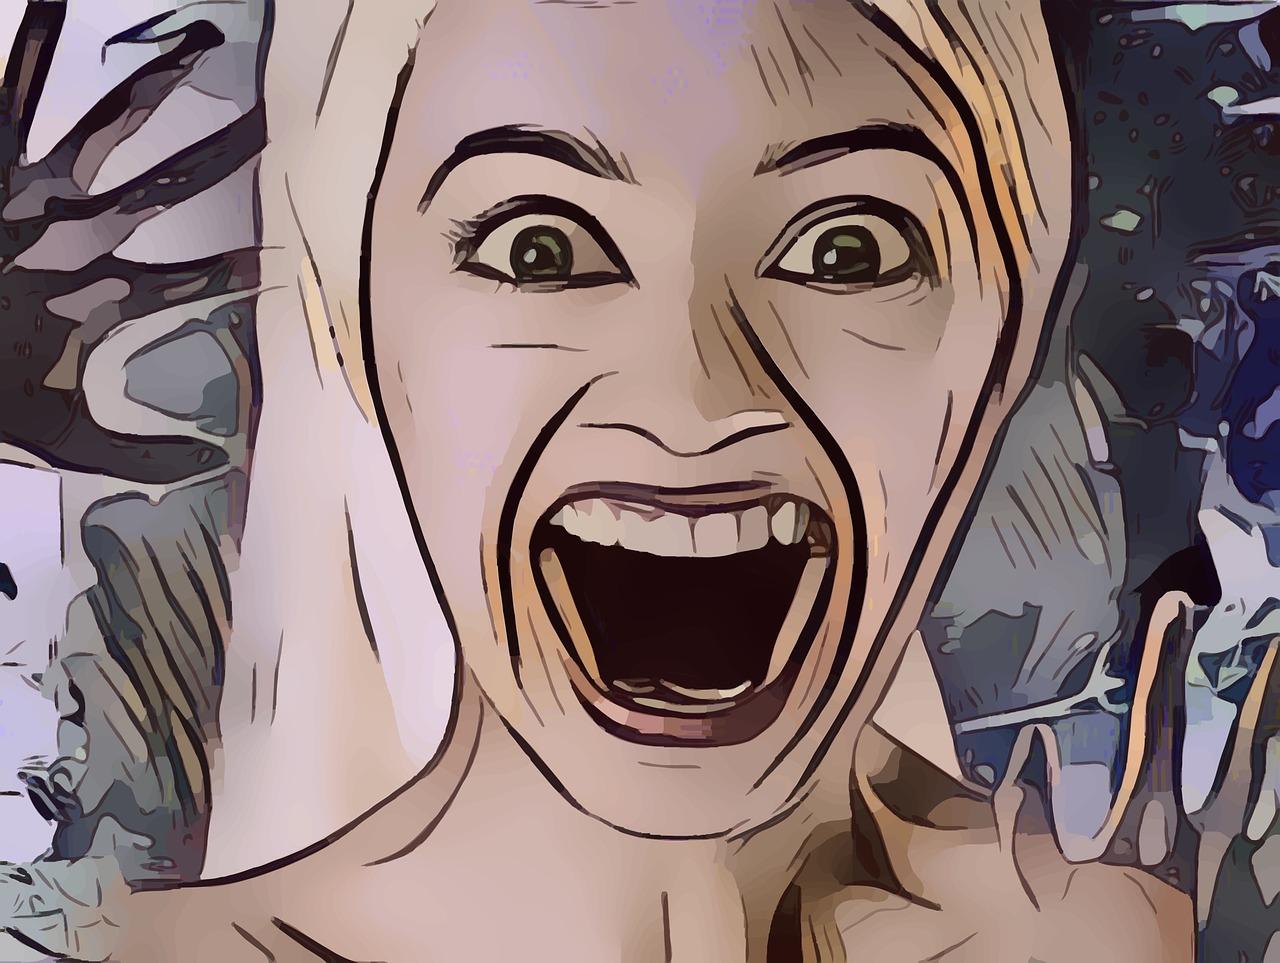 怒り呆れ顔の女性のイラスト